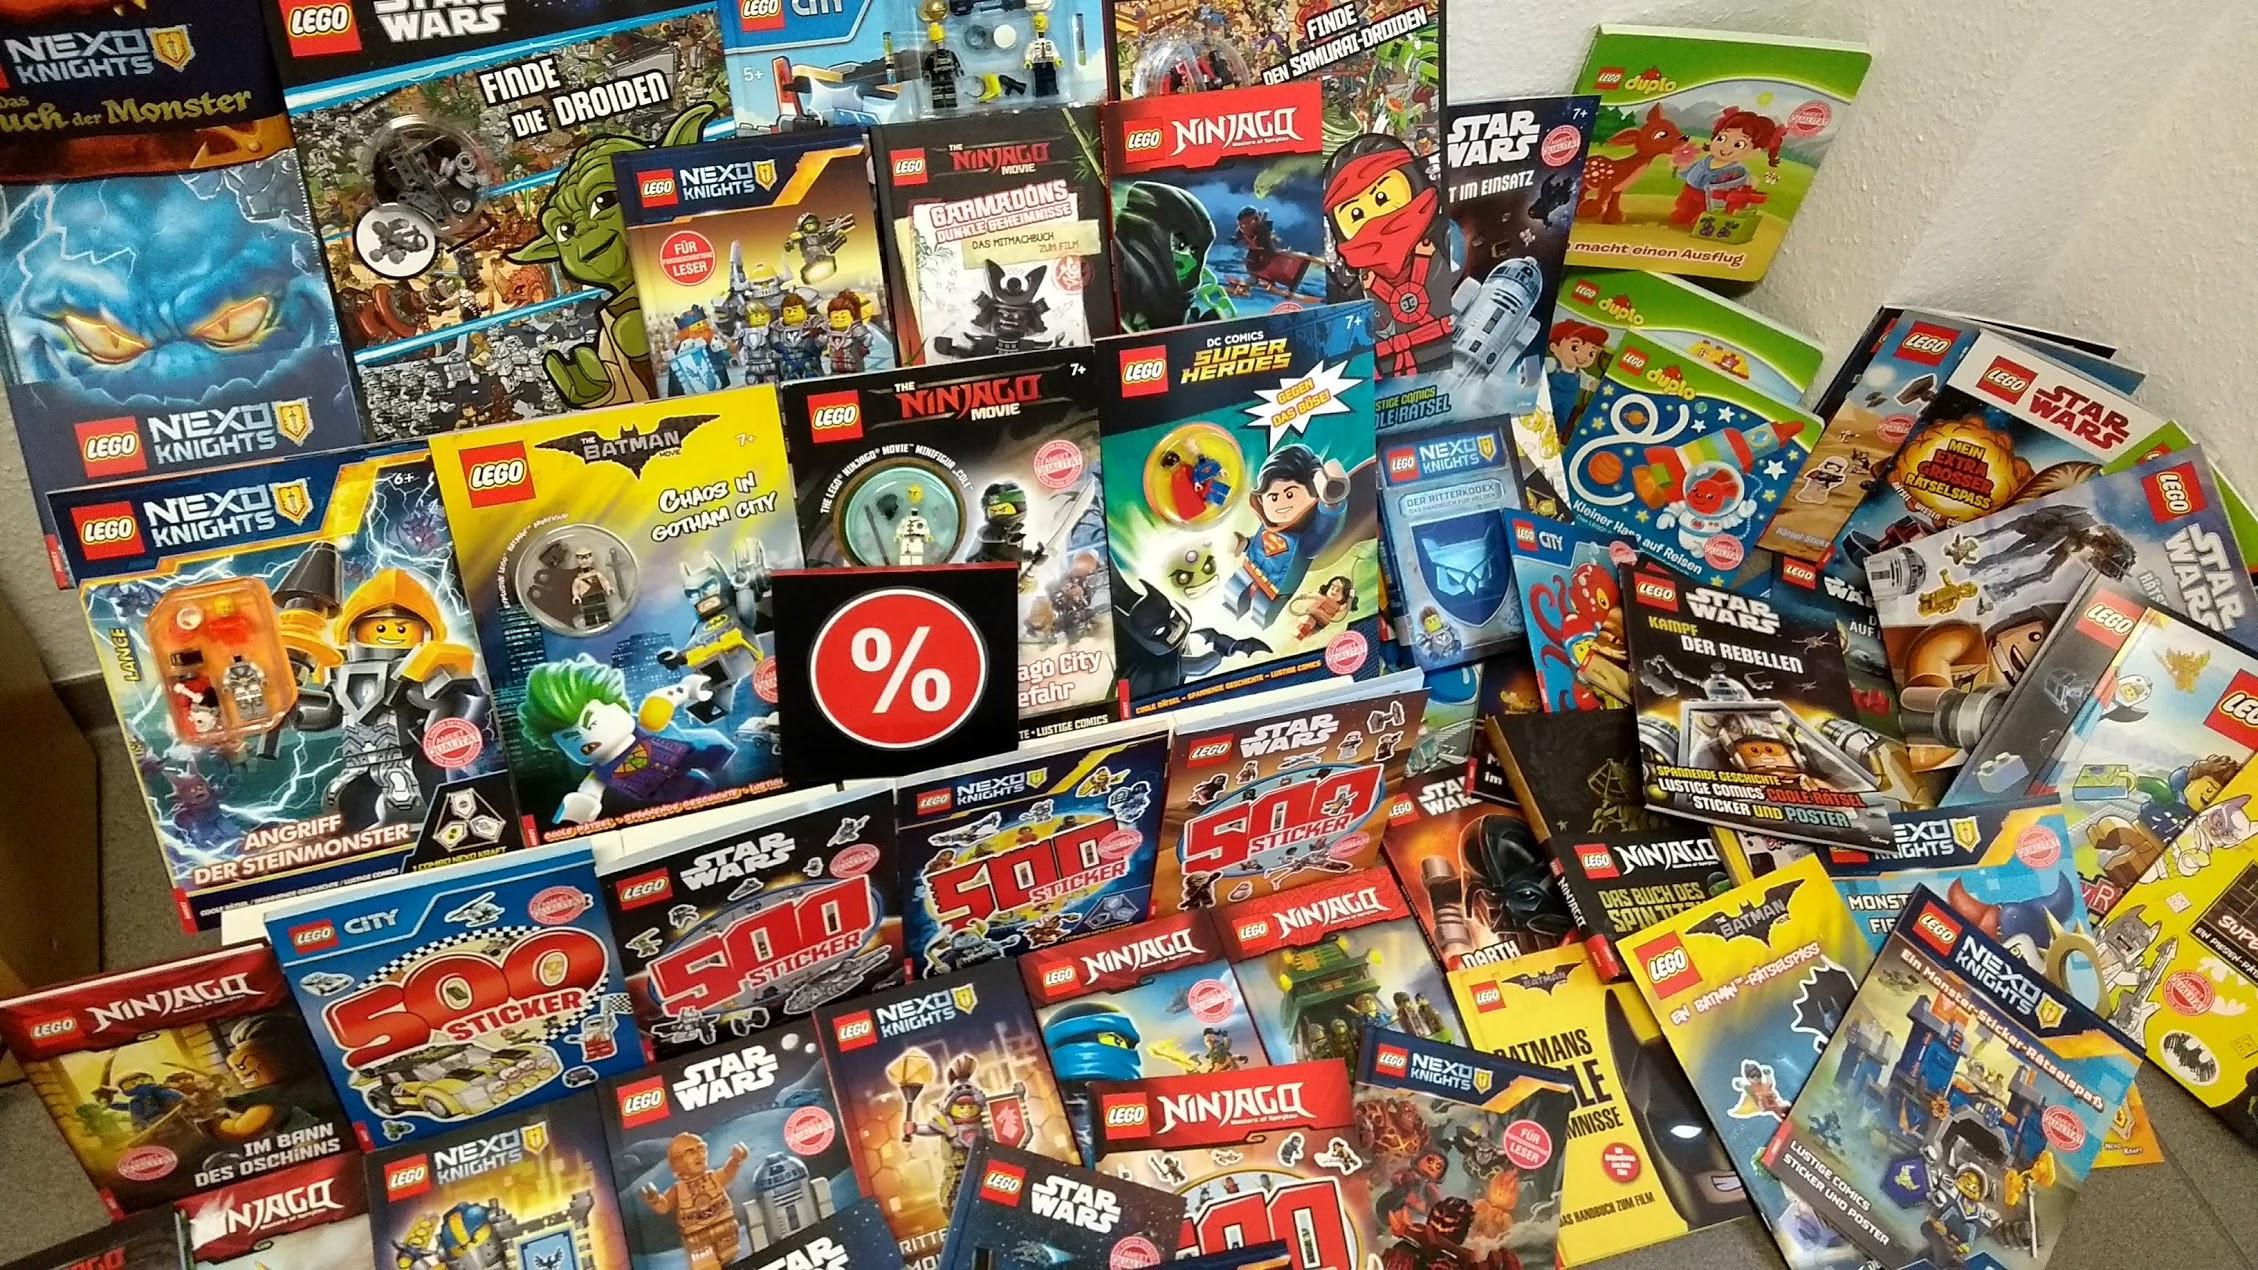 Lego-Bücher-Restposten ab 1,99€: Über 100 Titel versandkostenfrei & teilweise inkl. Minifiguren, z.B. Lego Star Wars (Mängelexemplare)